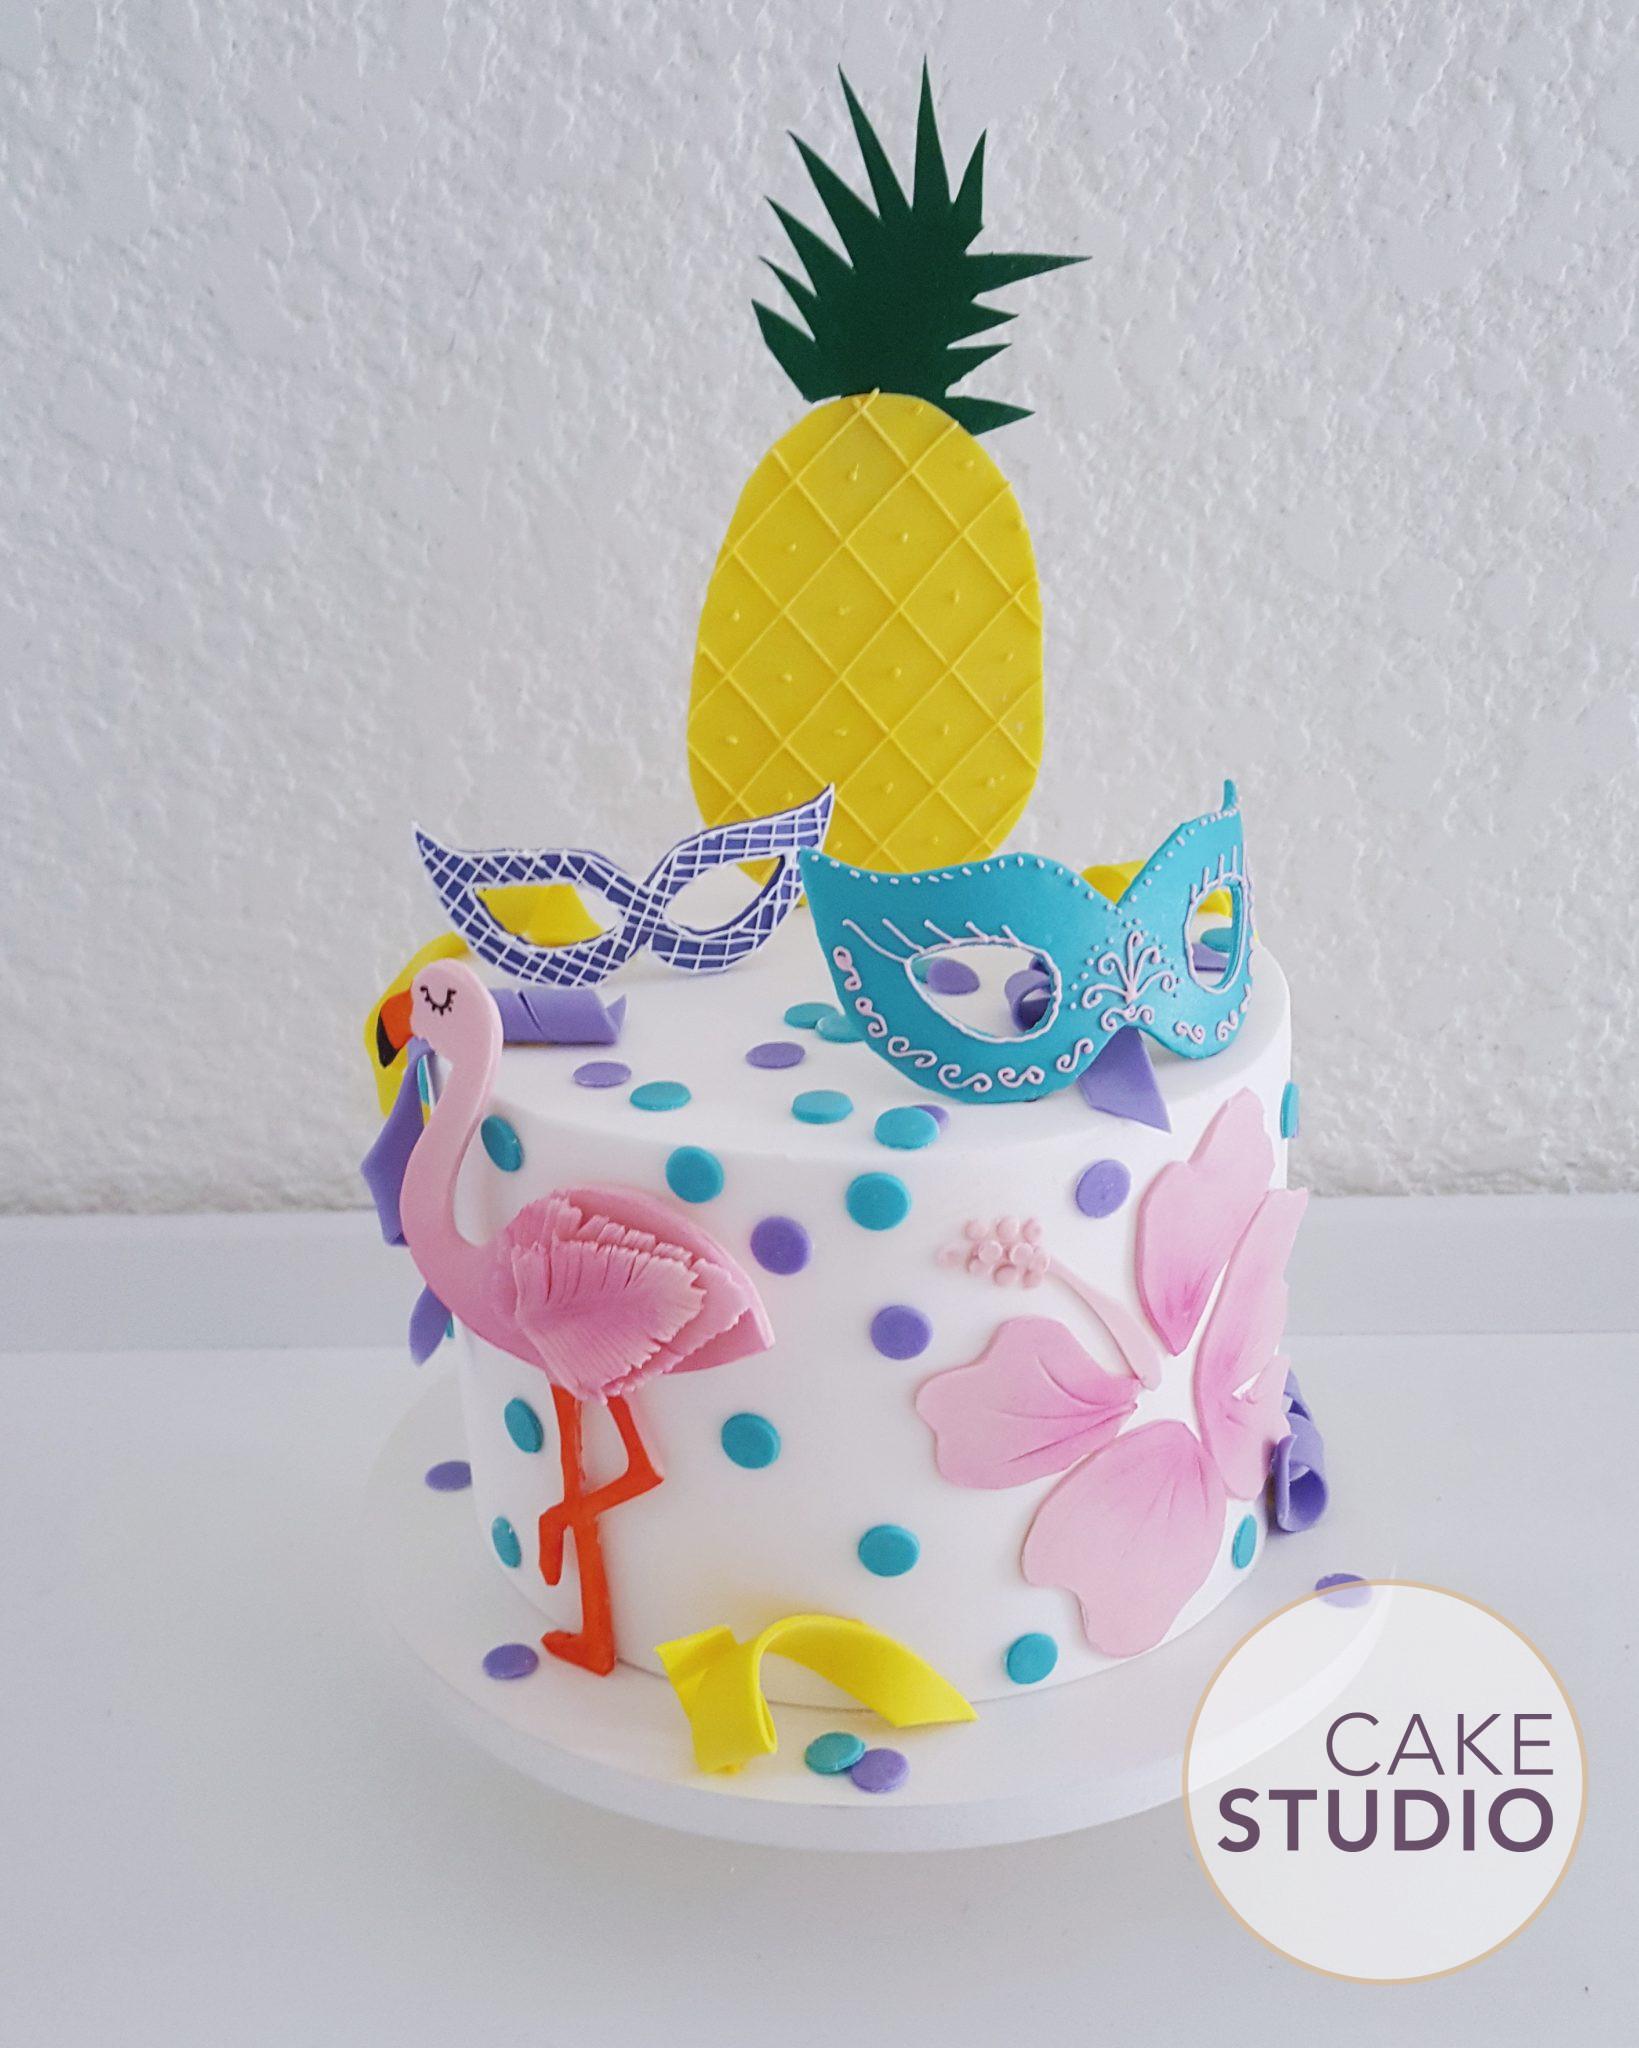 Bolo Carnaval com confete, serpentina, máscaras, flamingo e abacaxi. Feito por Cake Studio ( contato@cakestudio.com.br | Whatsapp: (11) 96882-2623 ).